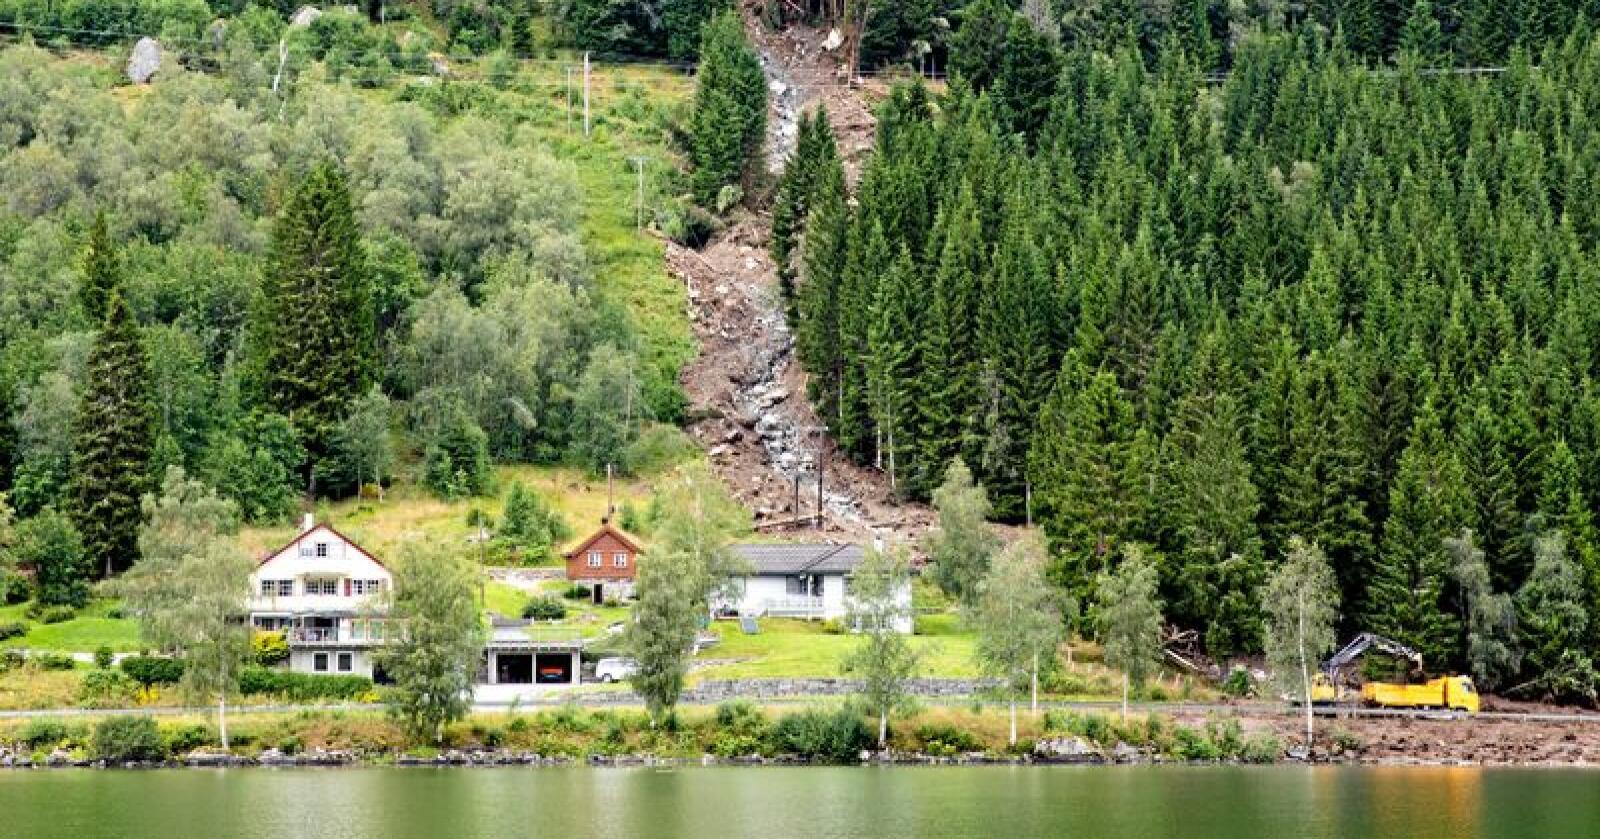 Det gikk flere jordras i Jølster i Sogn og Fjordane i sommer. Foto: Audun Braastad / NTB scanpix